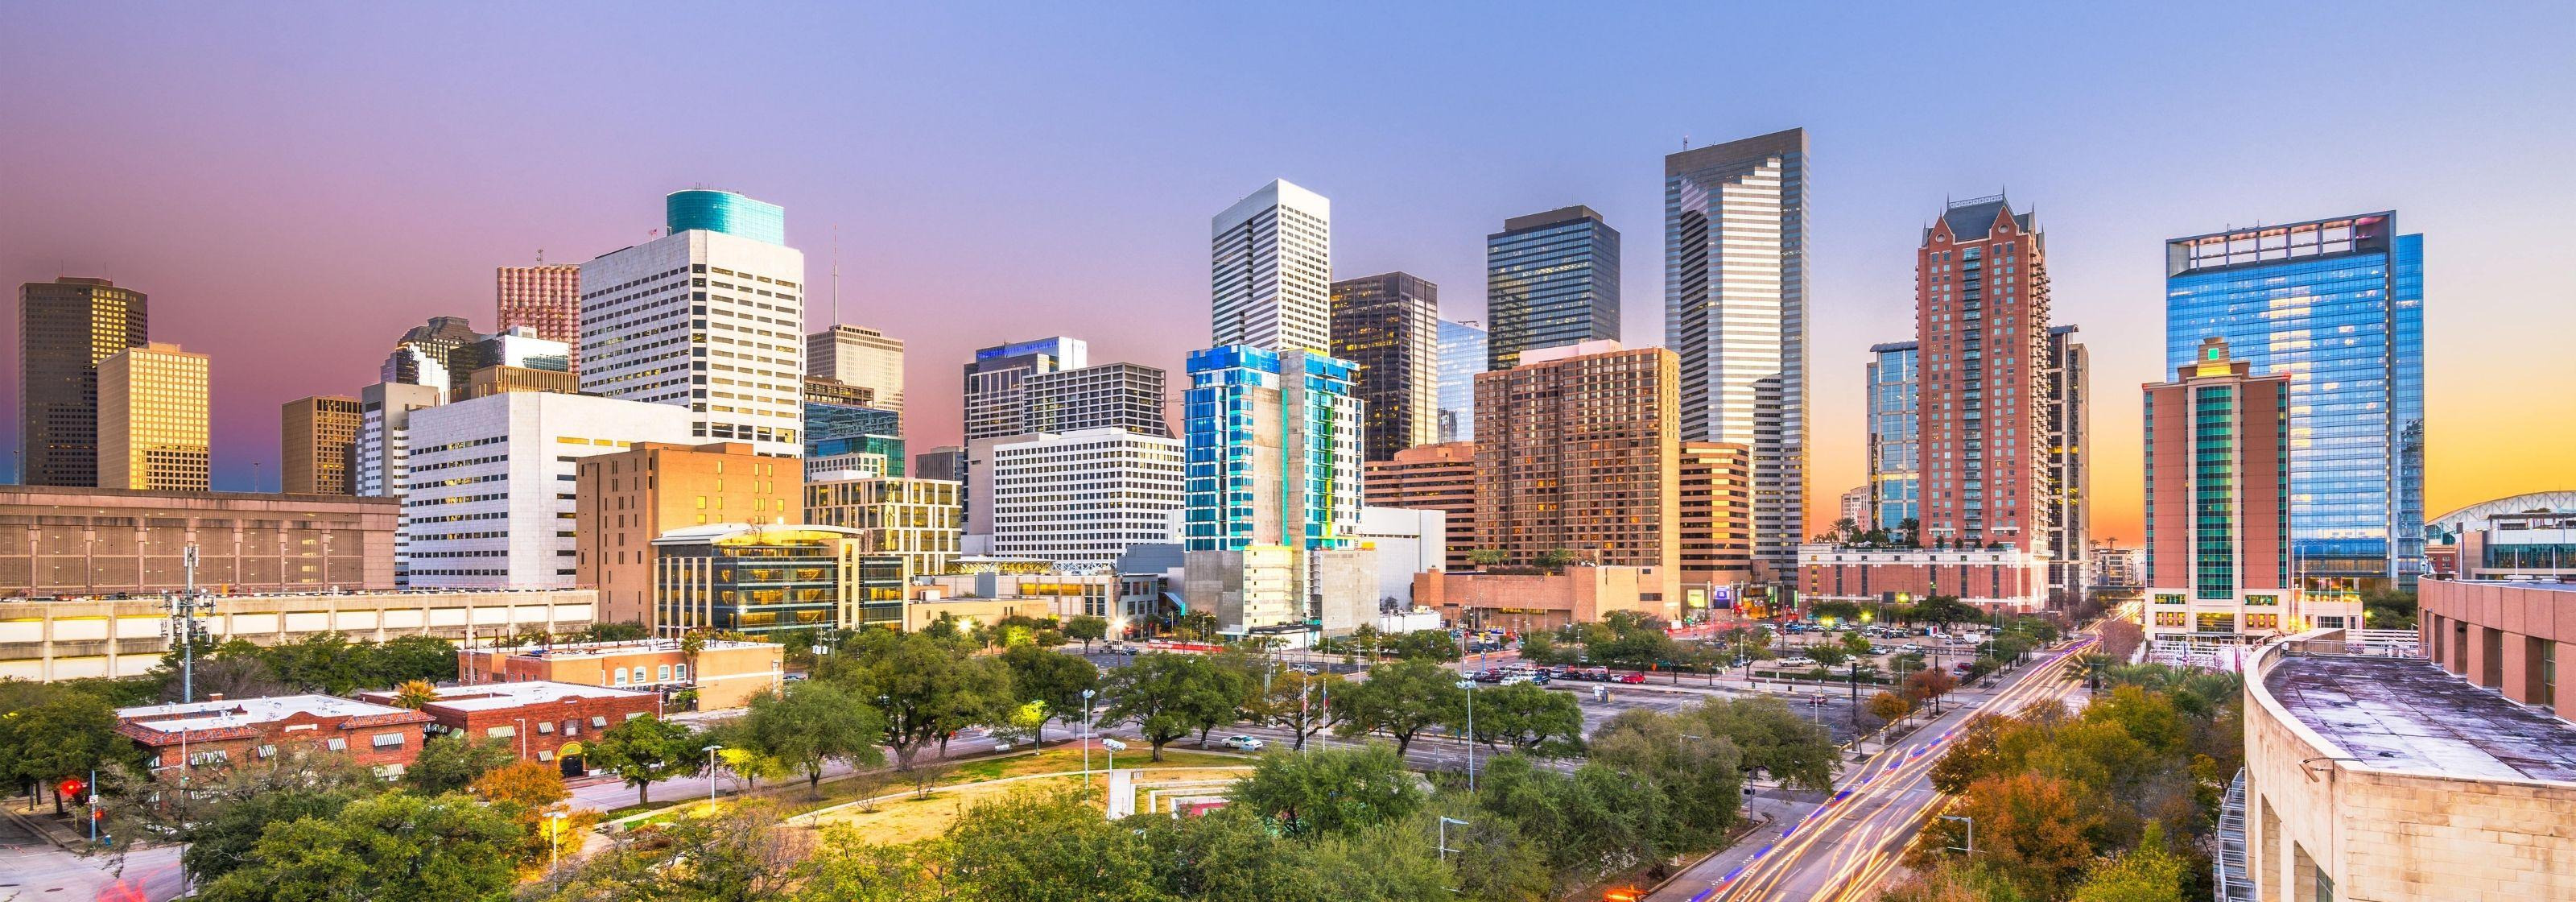 Cose da fare a Houston